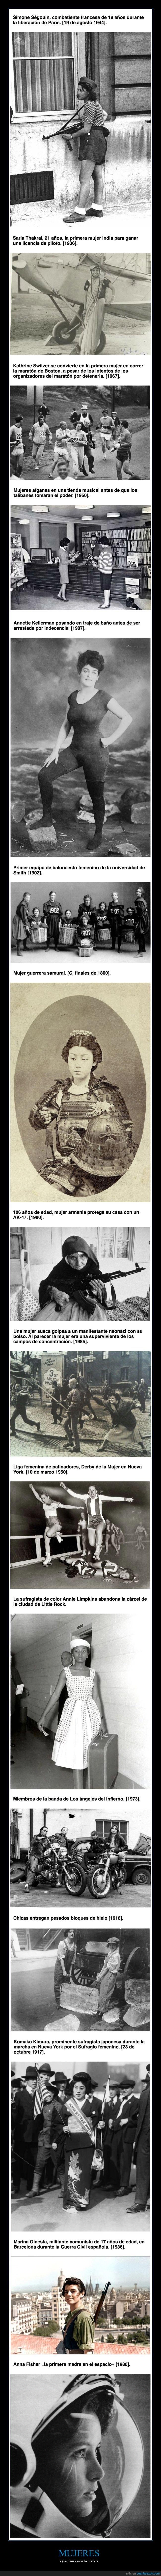 historia,mujeres